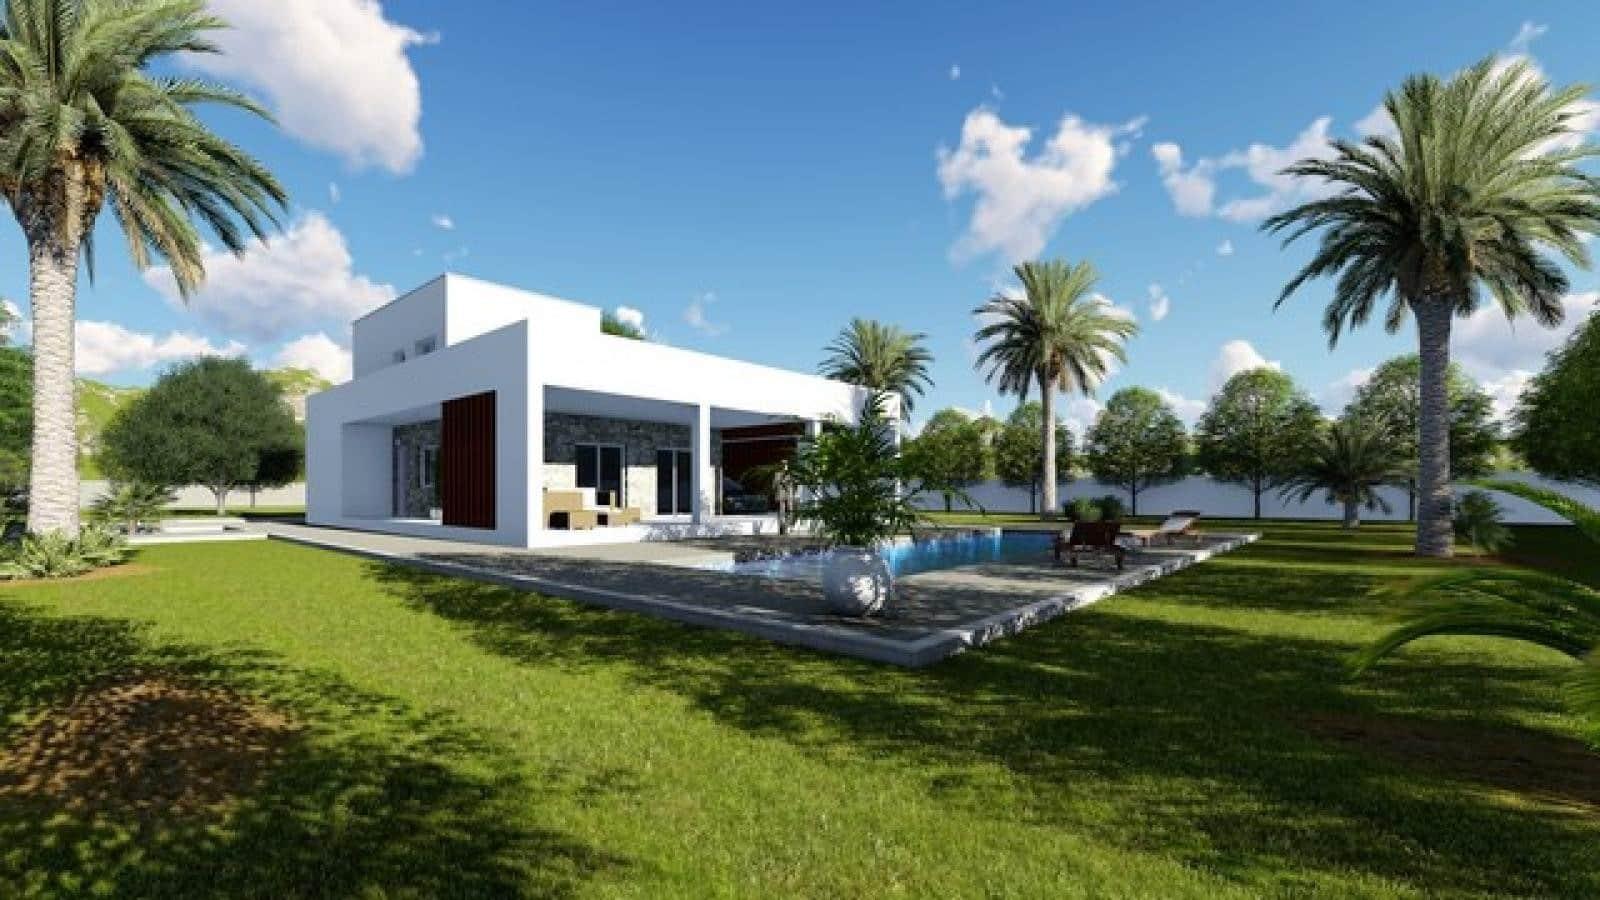 Chalet de 3 habitaciones en Pinoso en venta - 179.950 € (Ref: 3939137)